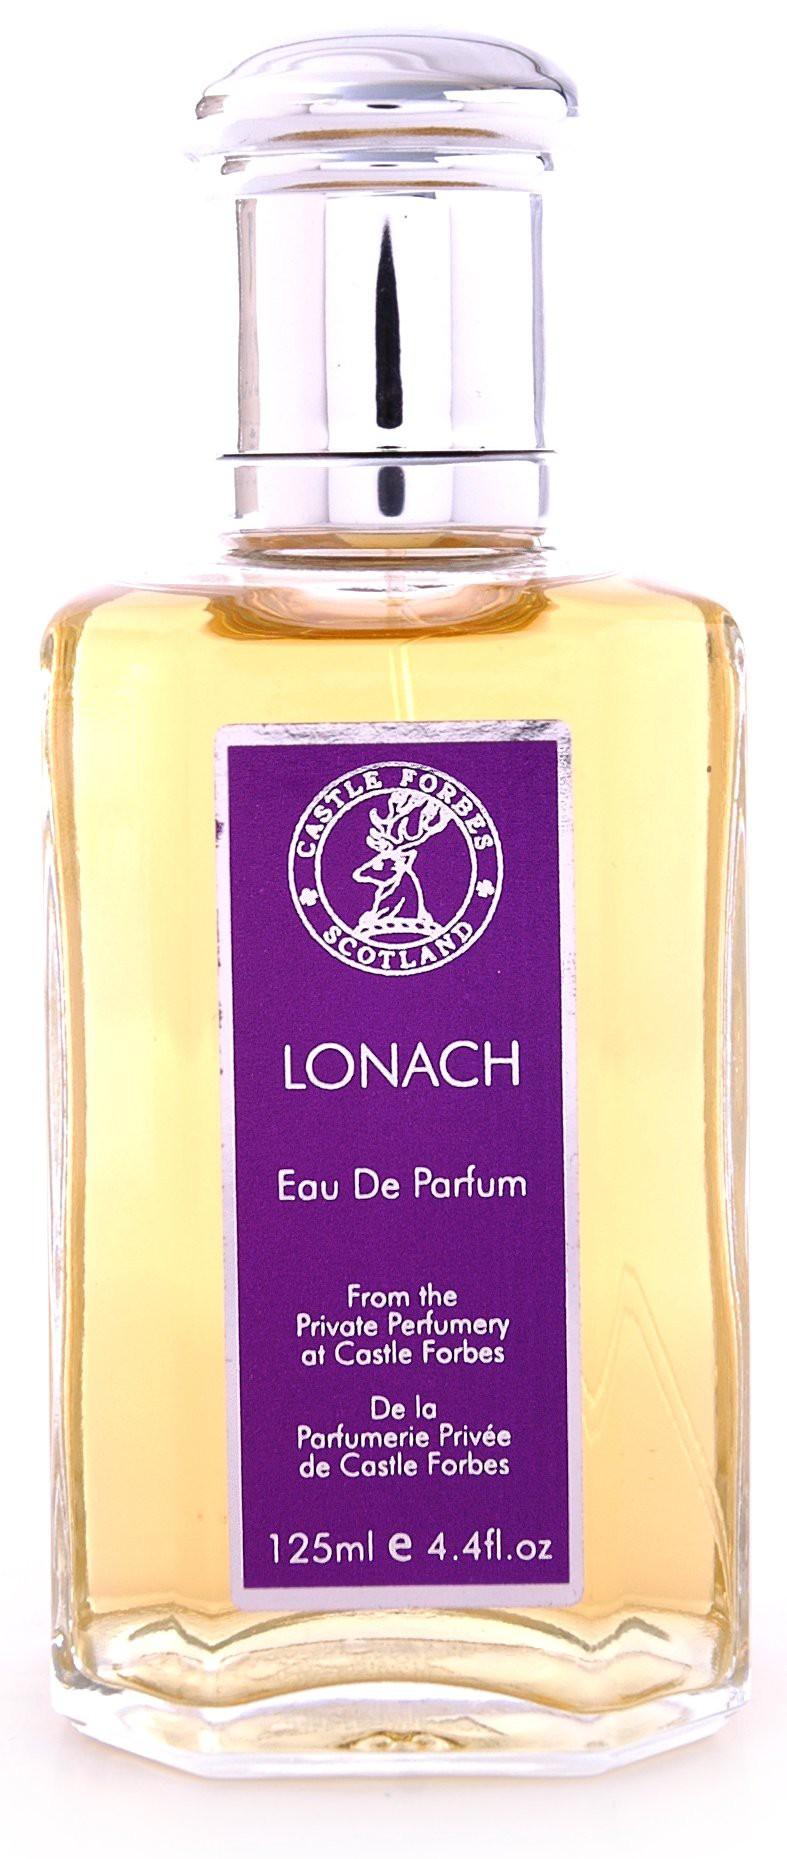 Castle Forbes Lonach аромат для мужчин